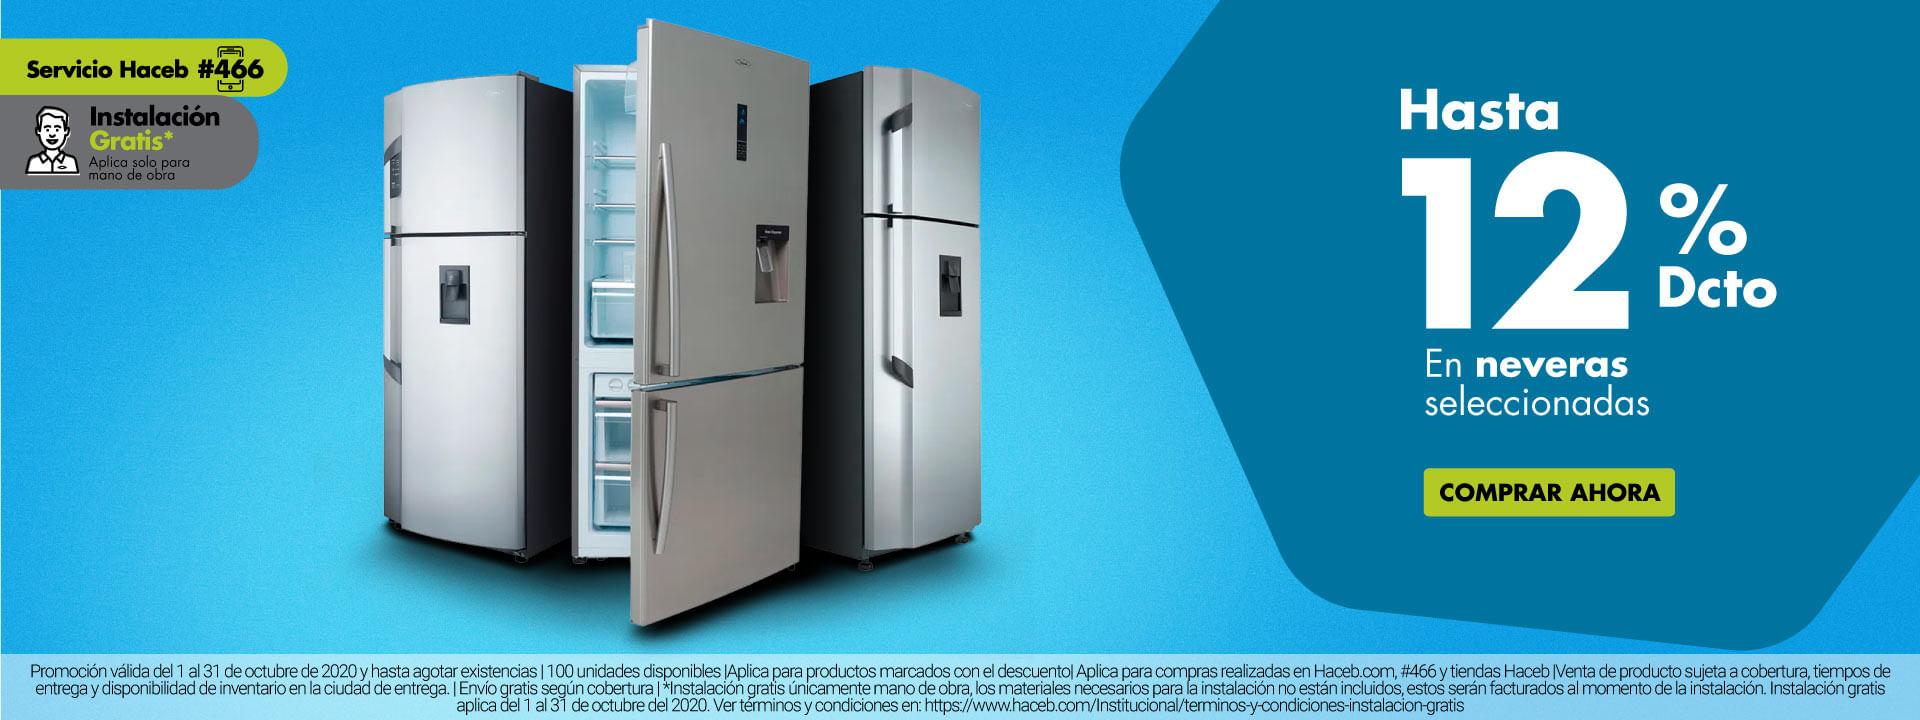 Cuidar de todos - octubre - Refrigeracion